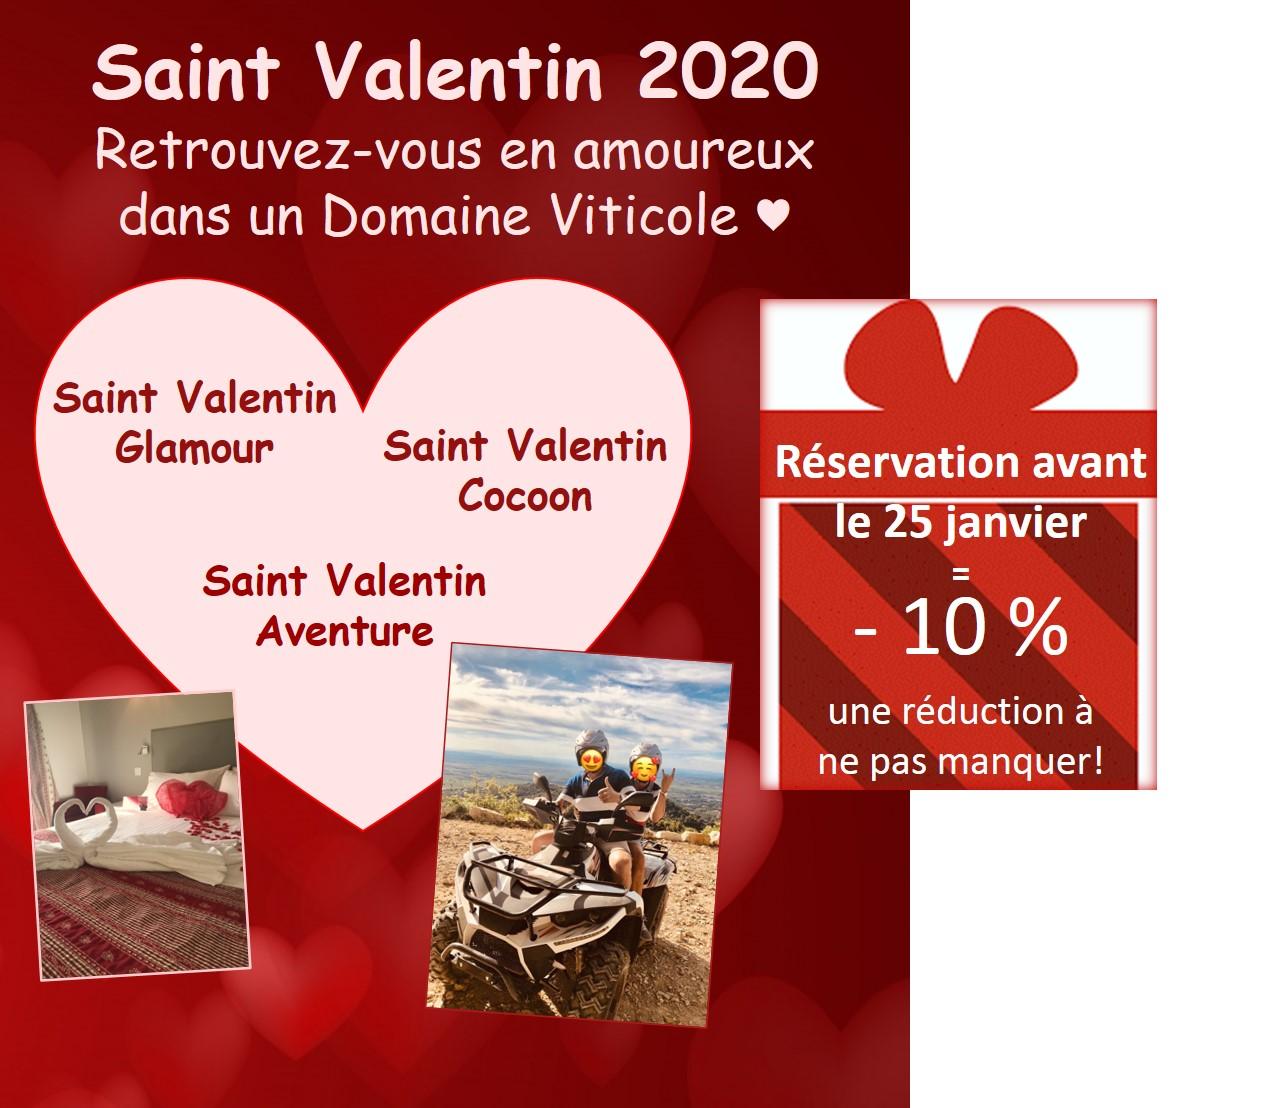 Saint Valentin Aventure, Saint Valentin Cocoon, Saint Valentin Glamour :  au Domaine de Cabasse, chaque couple trouve son bonheur !